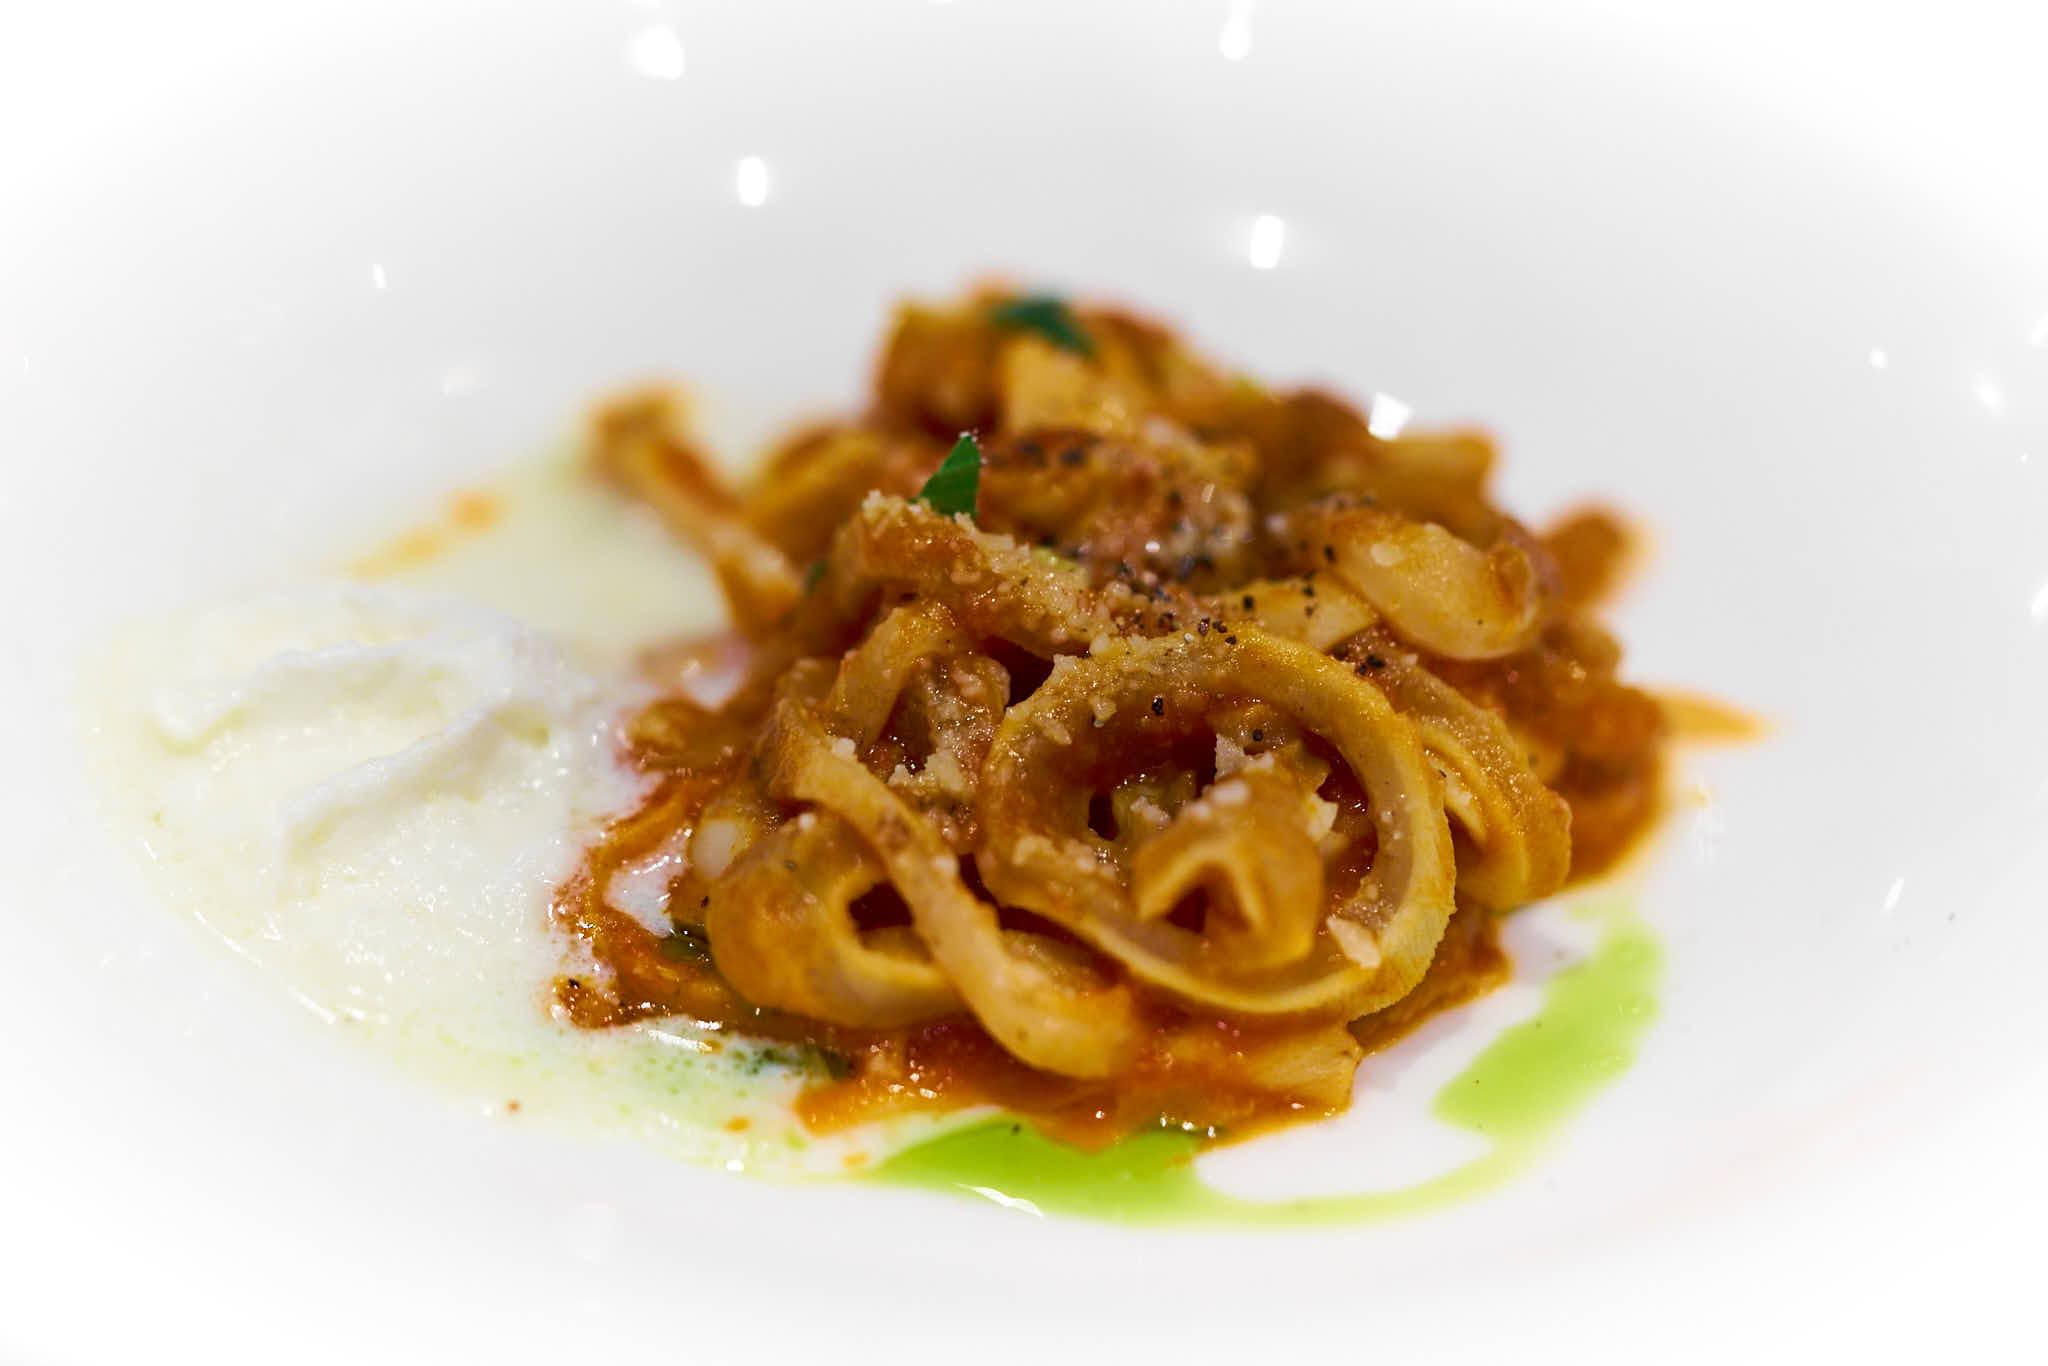 La Credenza Di Nonna Anna : 60 ristoranti per san valentino con menu e prezzi dal nord al sud